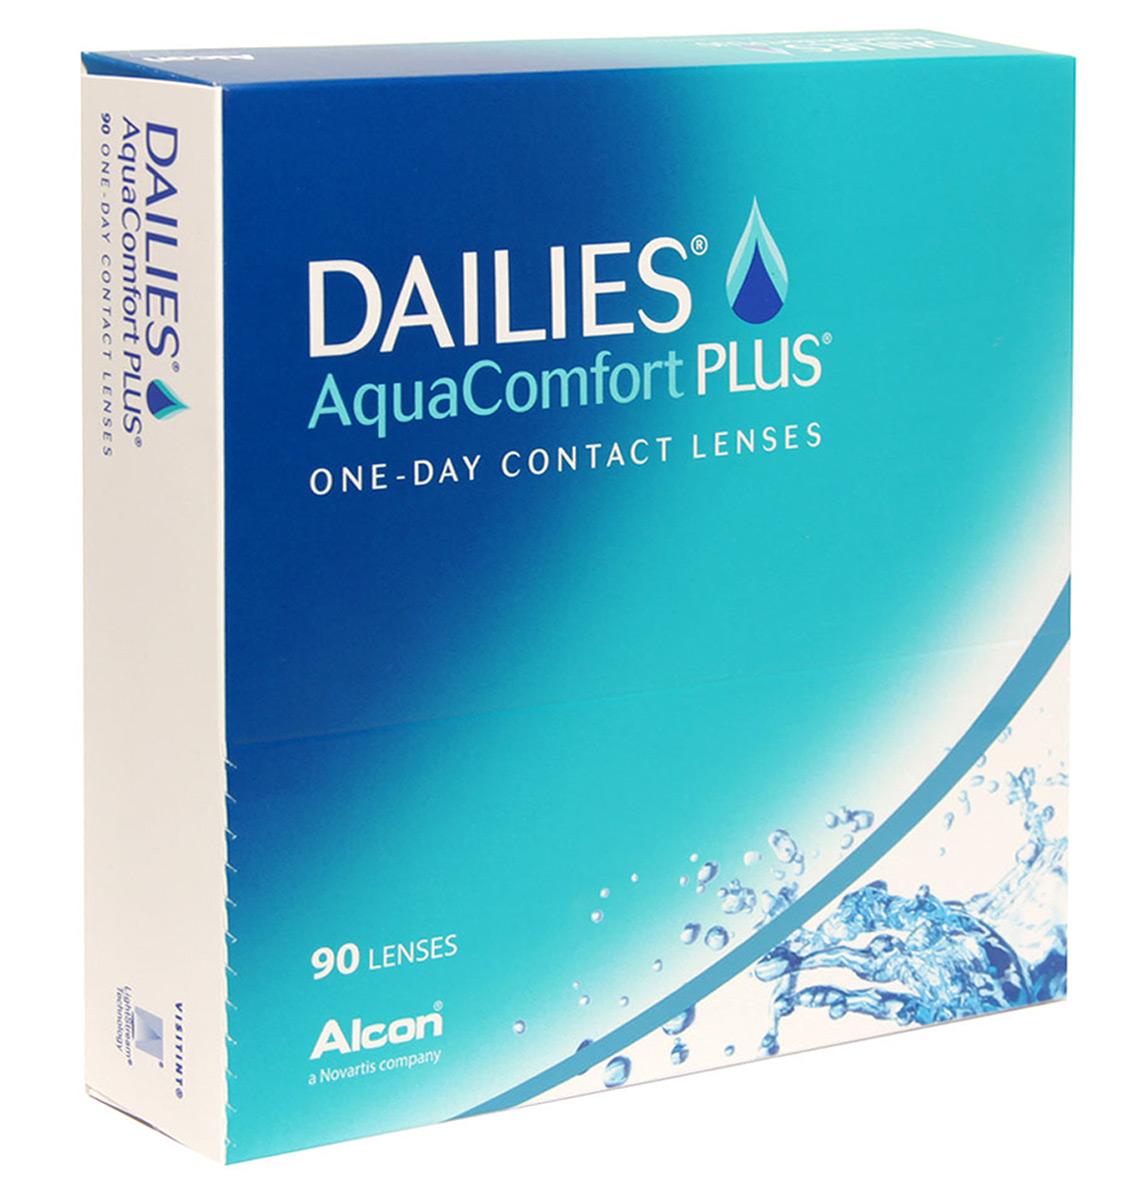 Alcon-CIBA Vision контактные линзы Dailies AquaComfort Plus (90шт / 8.7 / 14.0 / +5.25)38362Dailies Aqua Comfort Plus (90 блистеров) – это одни из самых популярных однодневных линз производства компании CIBA VISION. Эти линзы пользуются огромной популярностью во всем мире и являются на сегодняшний день самыми безопасными контактными линзами. Изготавливаются линзы из современного, 100% безопасного материала нелфилкон А. Особенность этого материала в том, что он легко пропускает воздух и хорошо сохраняет влагу. Однодневные контактные линзы Dailies Aqua Comfort Plus не нуждаются в дополнительном уходе и затратах, каждый день вы надеваете свежую пару линз. Дизайн линзы биосовместимый, что гарантирует безупречный комфорт. Самое главное достоинство Dailies Aqua Comfort Plus – это их уникальная система увлажнения. Благодаря этой разработке линзы увлажняются тремя различными агентами. Первый компонент, ухаживающий за линзами, находится в растворе, он как бы обволакивает линзу, обеспечивая чрезвычайно комфортное надевание. Второй агент выделяется на протяжении всего дня, он...